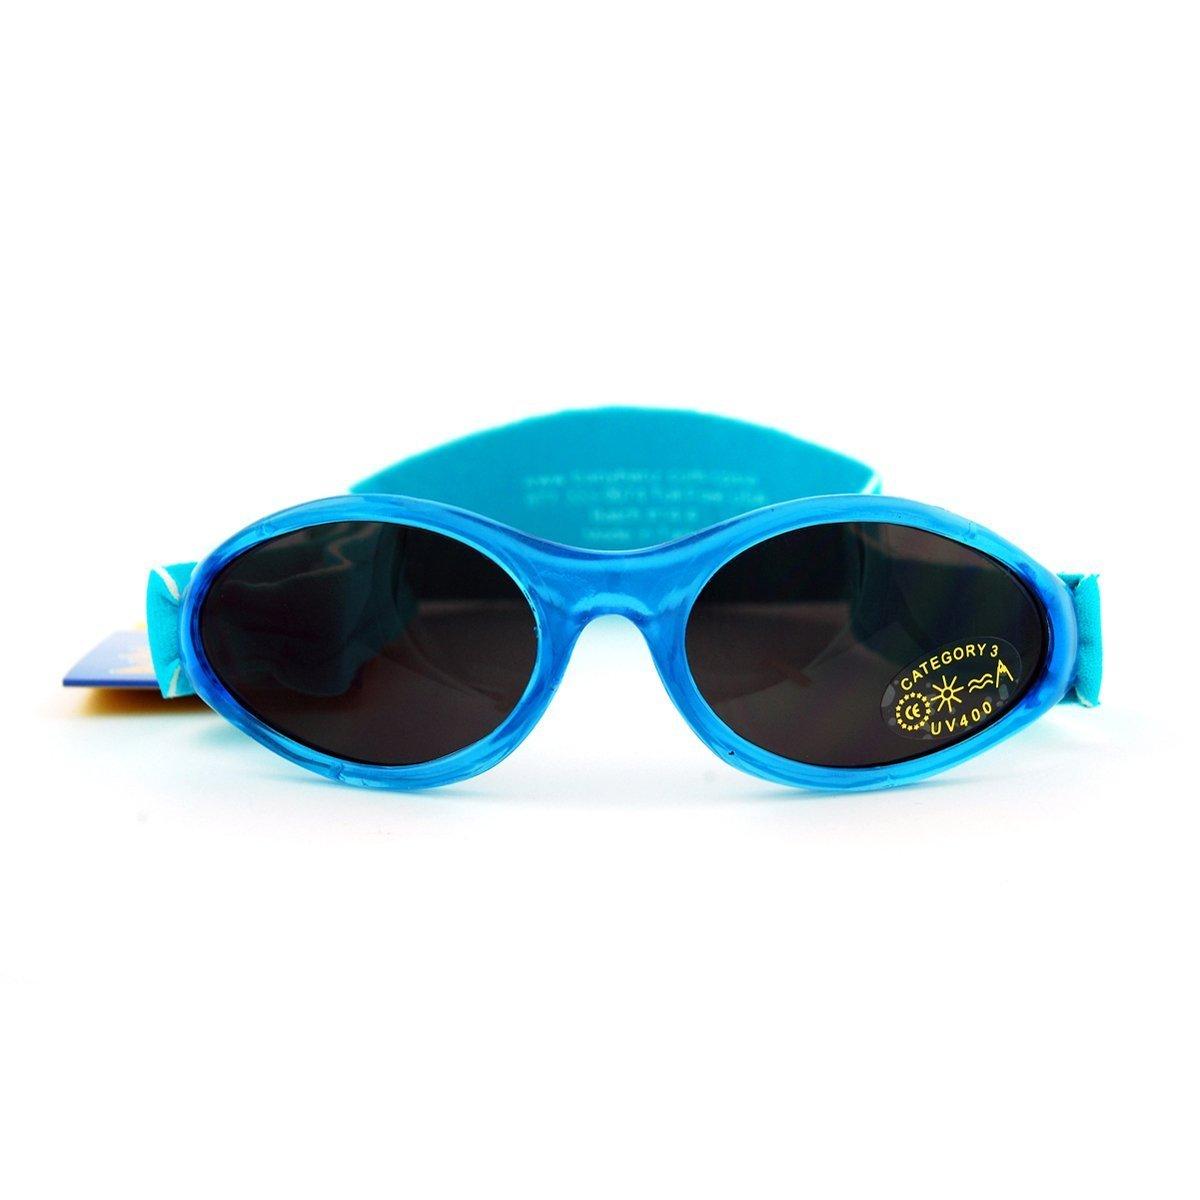 BabyBanz & kidsbanz–Occhiali da sole Bambino/Bambino–Confortevoli e U6–Protezione UV 100% Caribbean Blue)